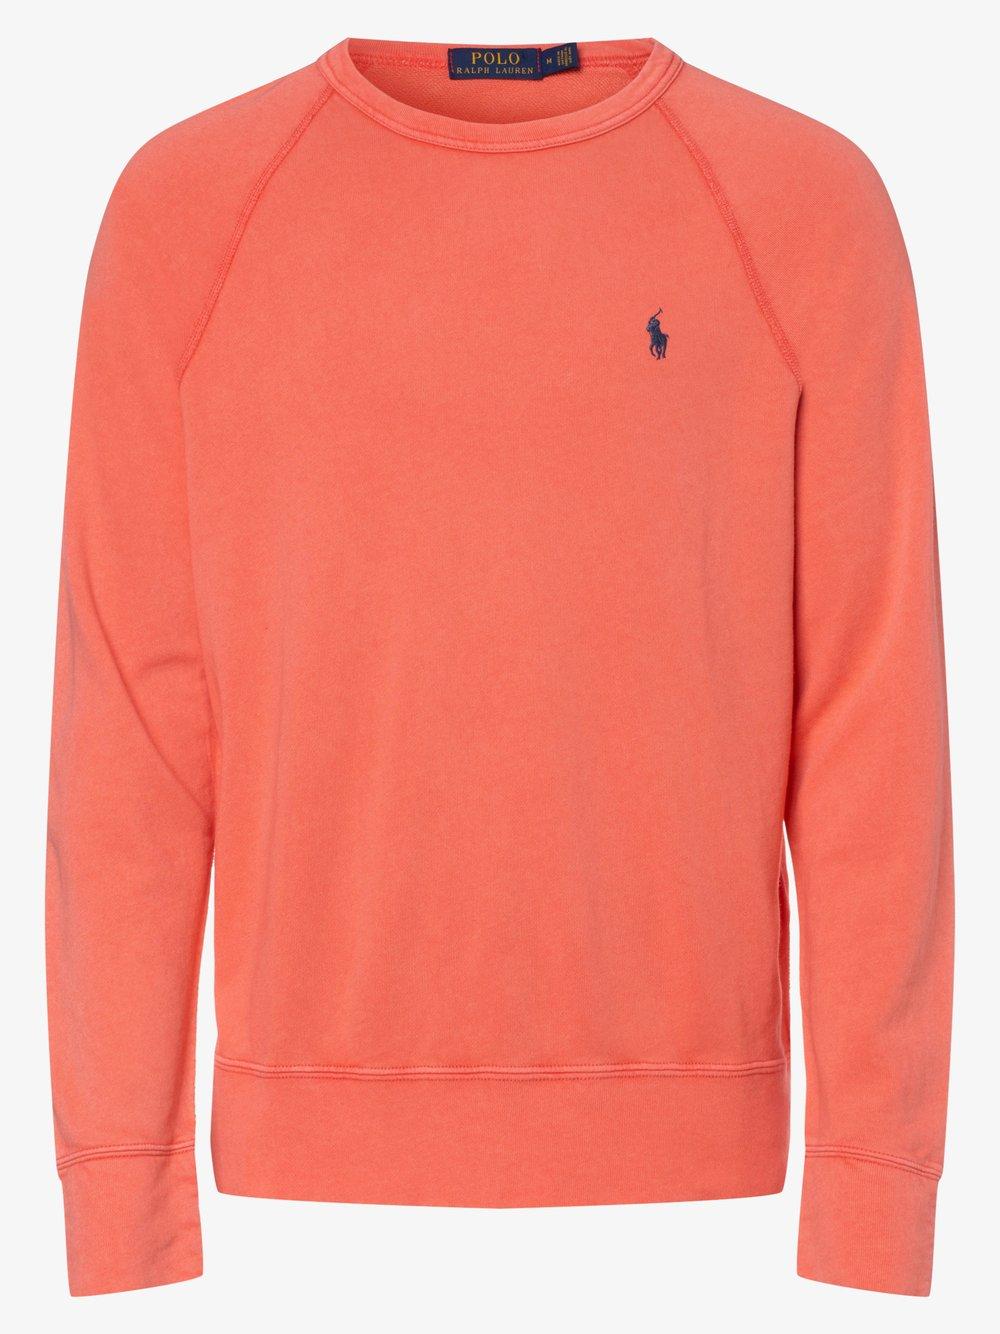 Polo Ralph Lauren Herren Sweatshirt Online Kaufen Herren Sweatshirt Polo Ralph Lauren Sweatshirt Sweatshirt